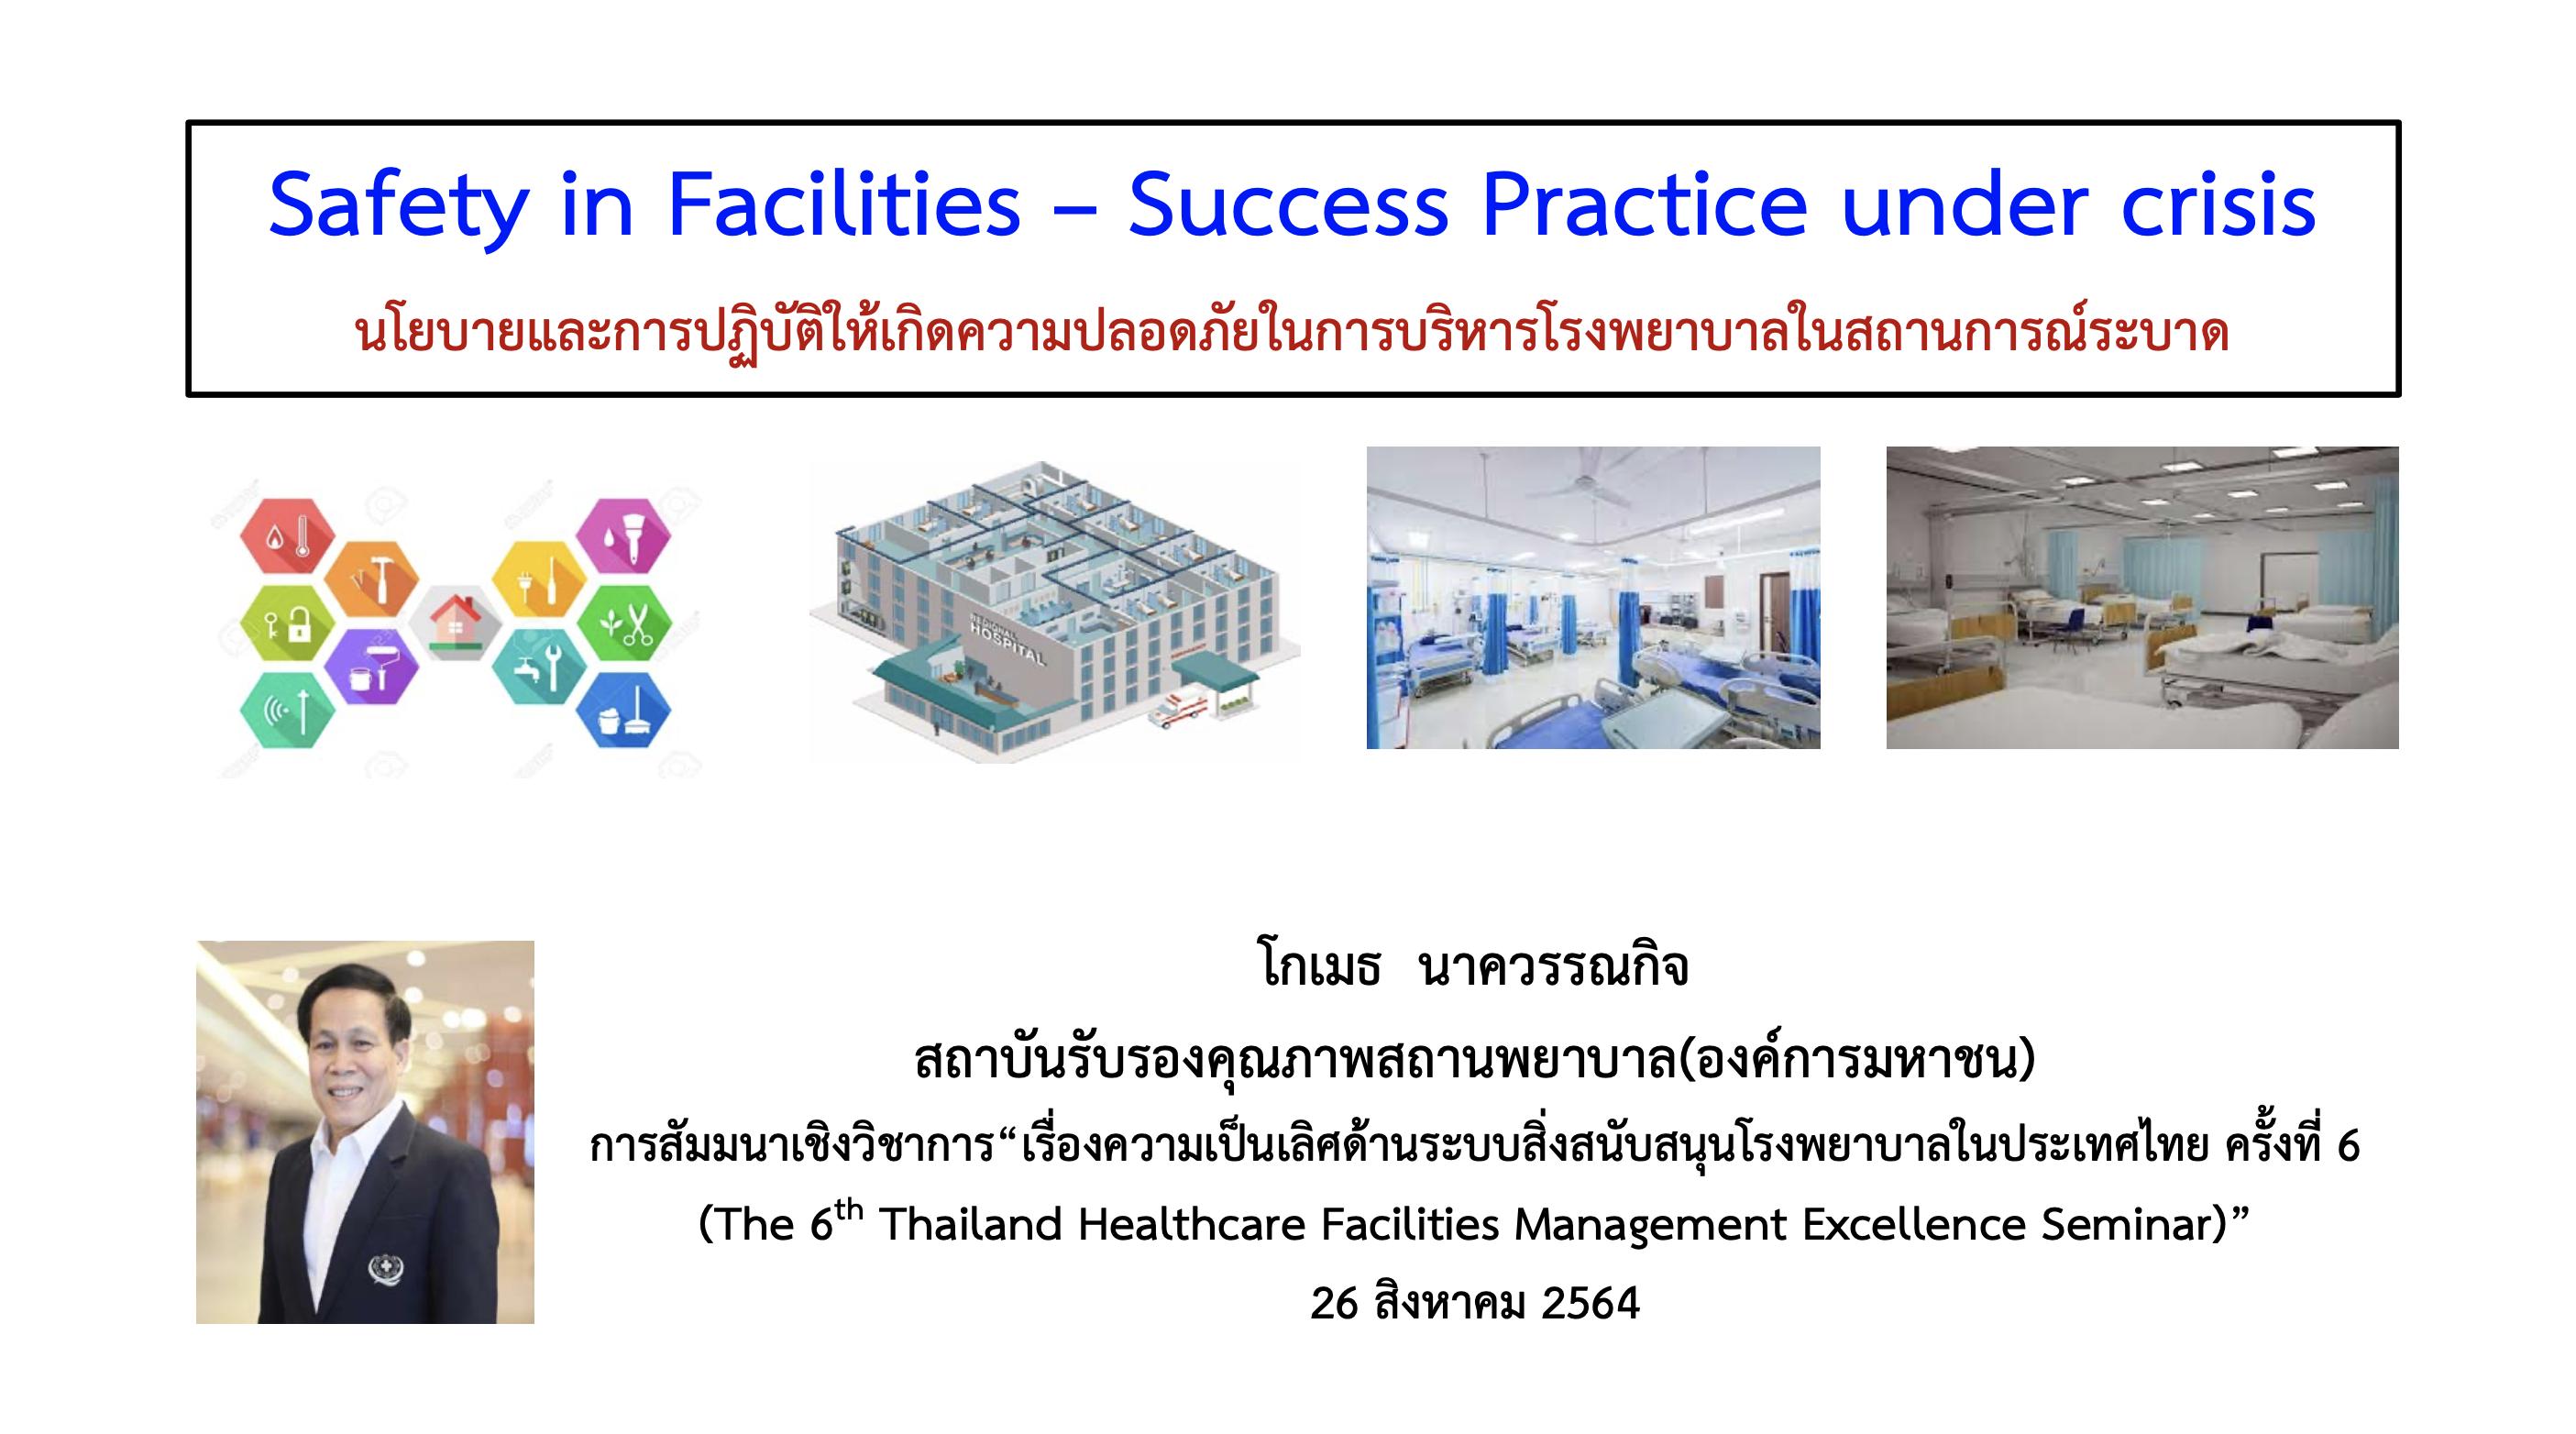 Safety in Facilities - Success practice under crisis (นโยบายและการปฏิบัติให้เกิดความปลอดภัยในการบริหารโรงพยาบาล ในสถานการณ์ระบาด)